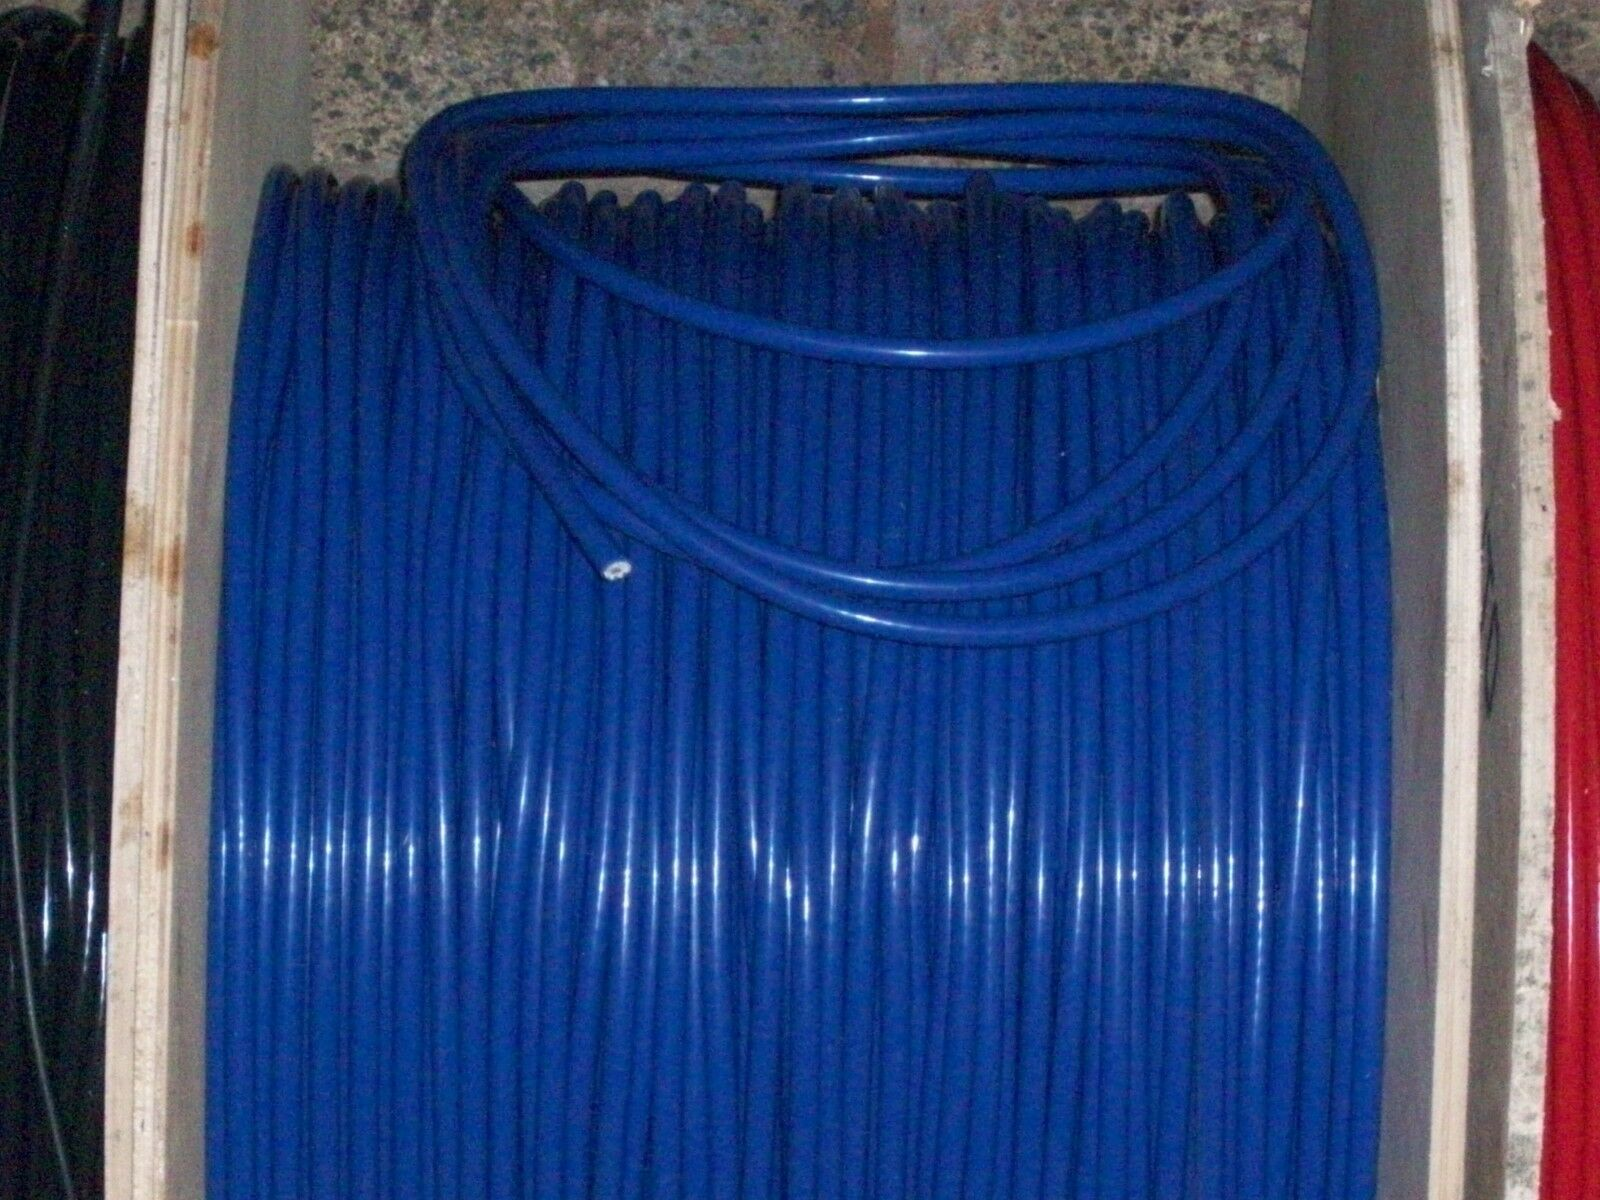 Bleu 8.5 mm Performance Ignition Leads Pour 205 309 1.9 Sri GTi Hei Cap Qualité HT